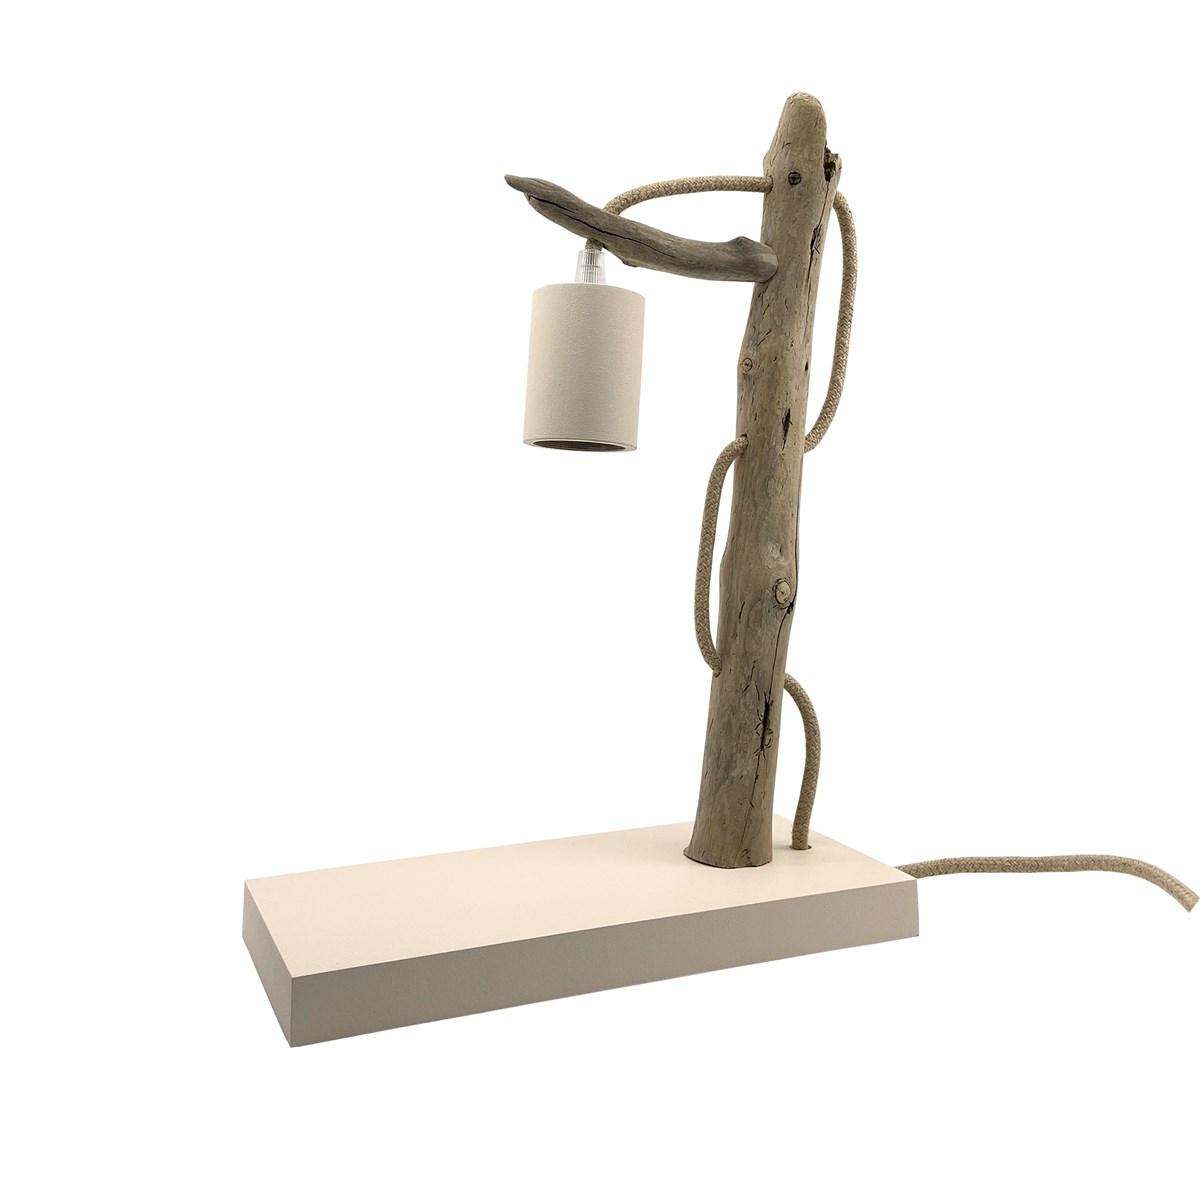 Lampe à poser en bois recyclé blanc cassé